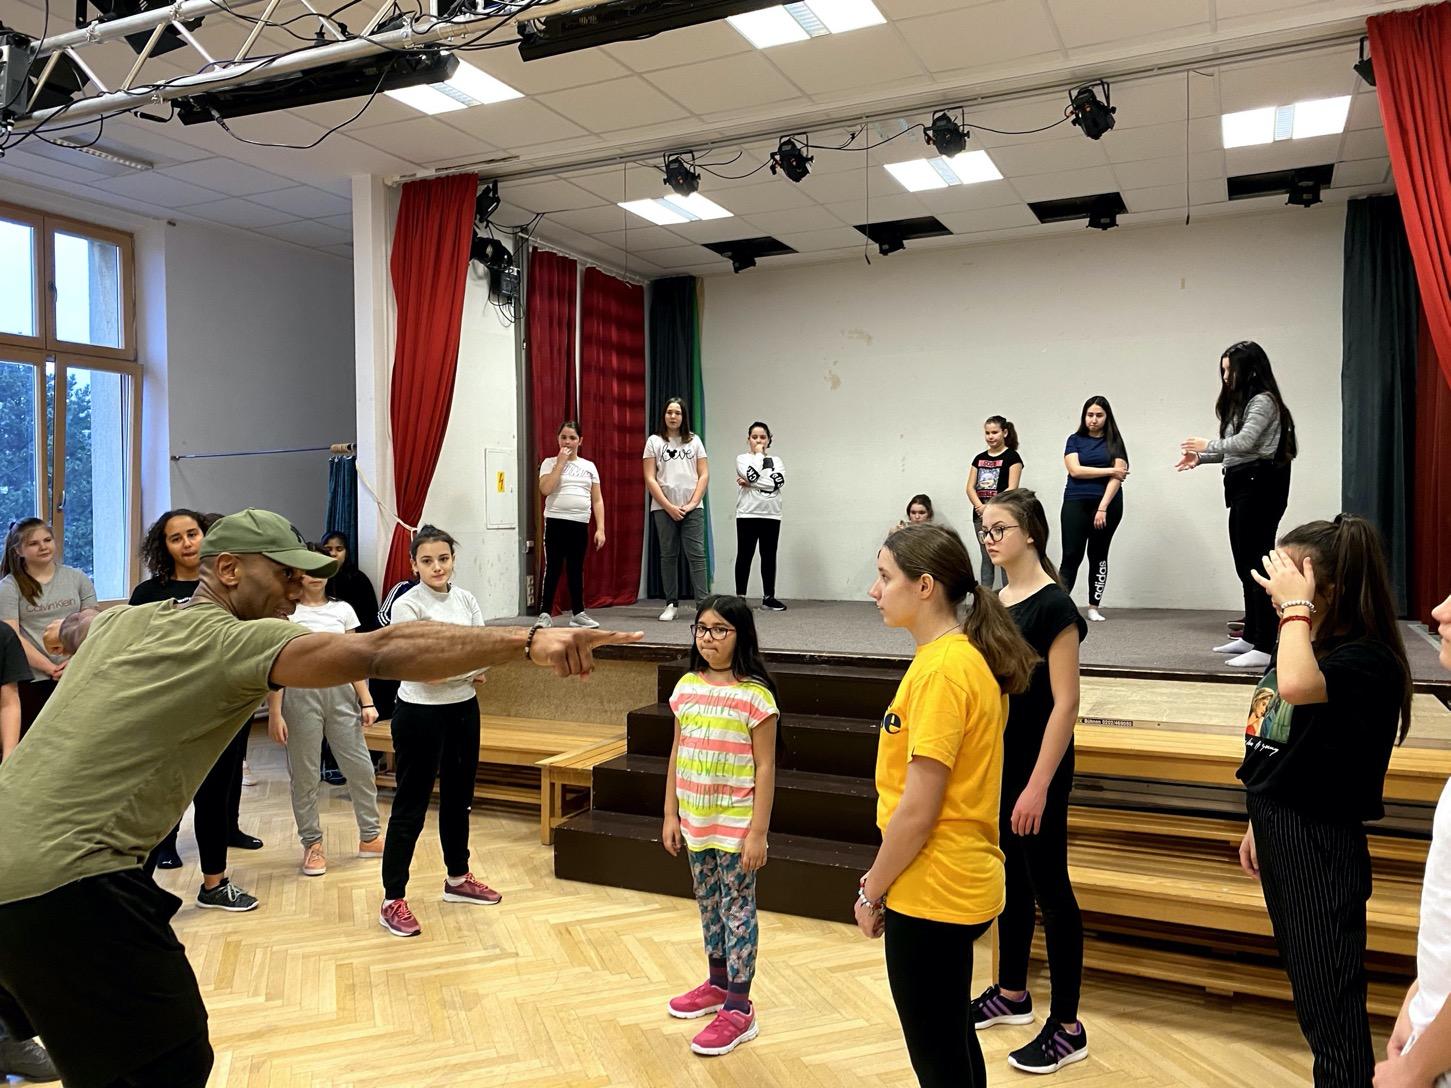 MKÜ-Musical: Tanz- und Choreographie-Workshop